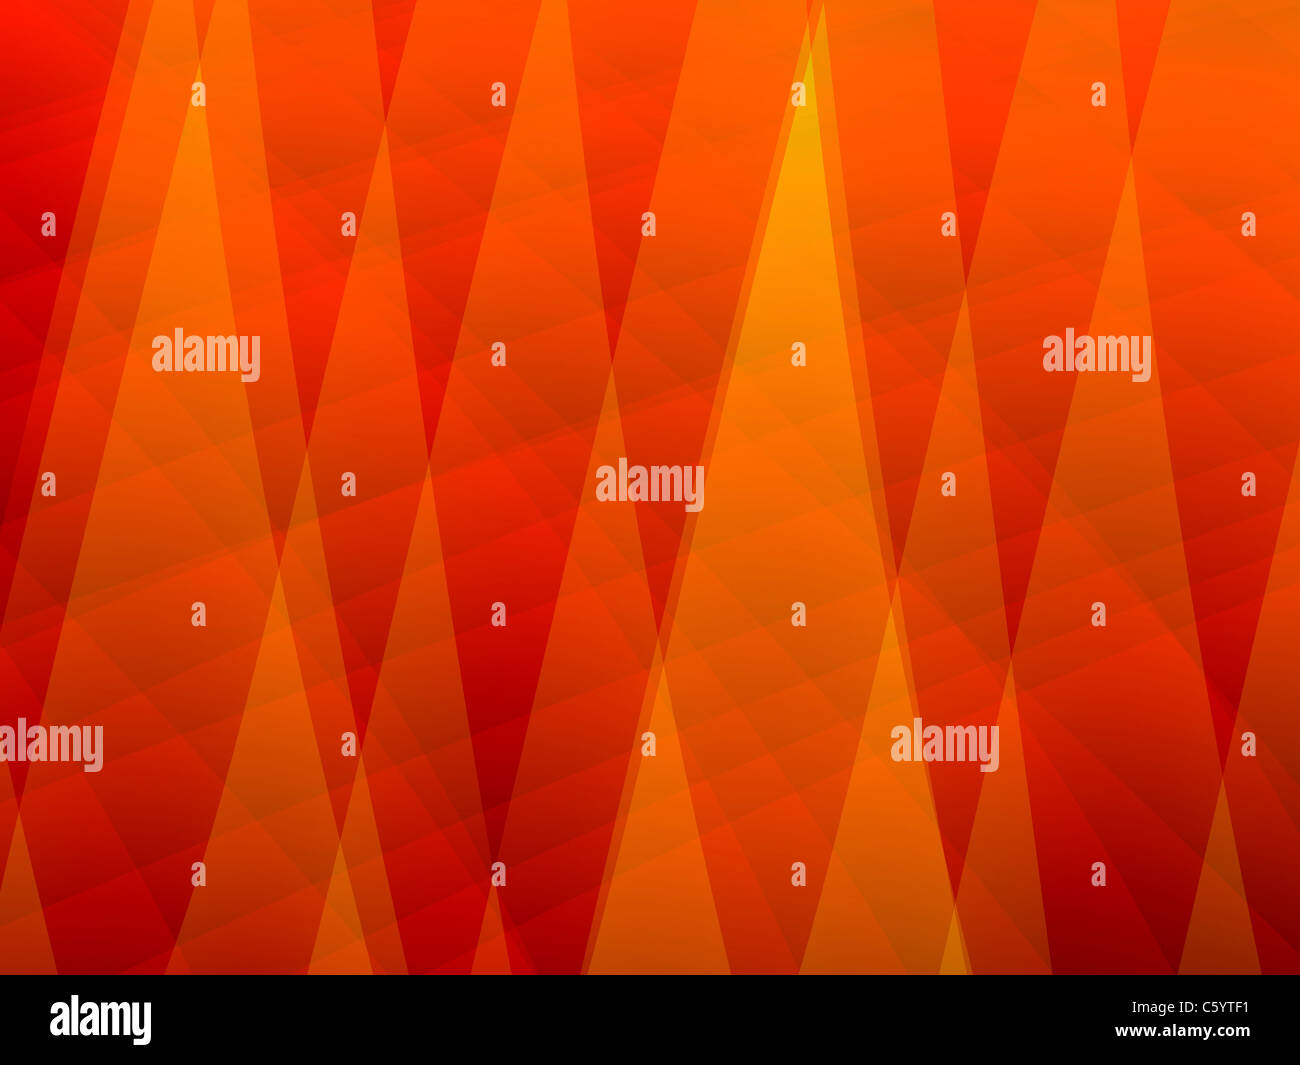 Abstract sfondo arancione Immagini Stock